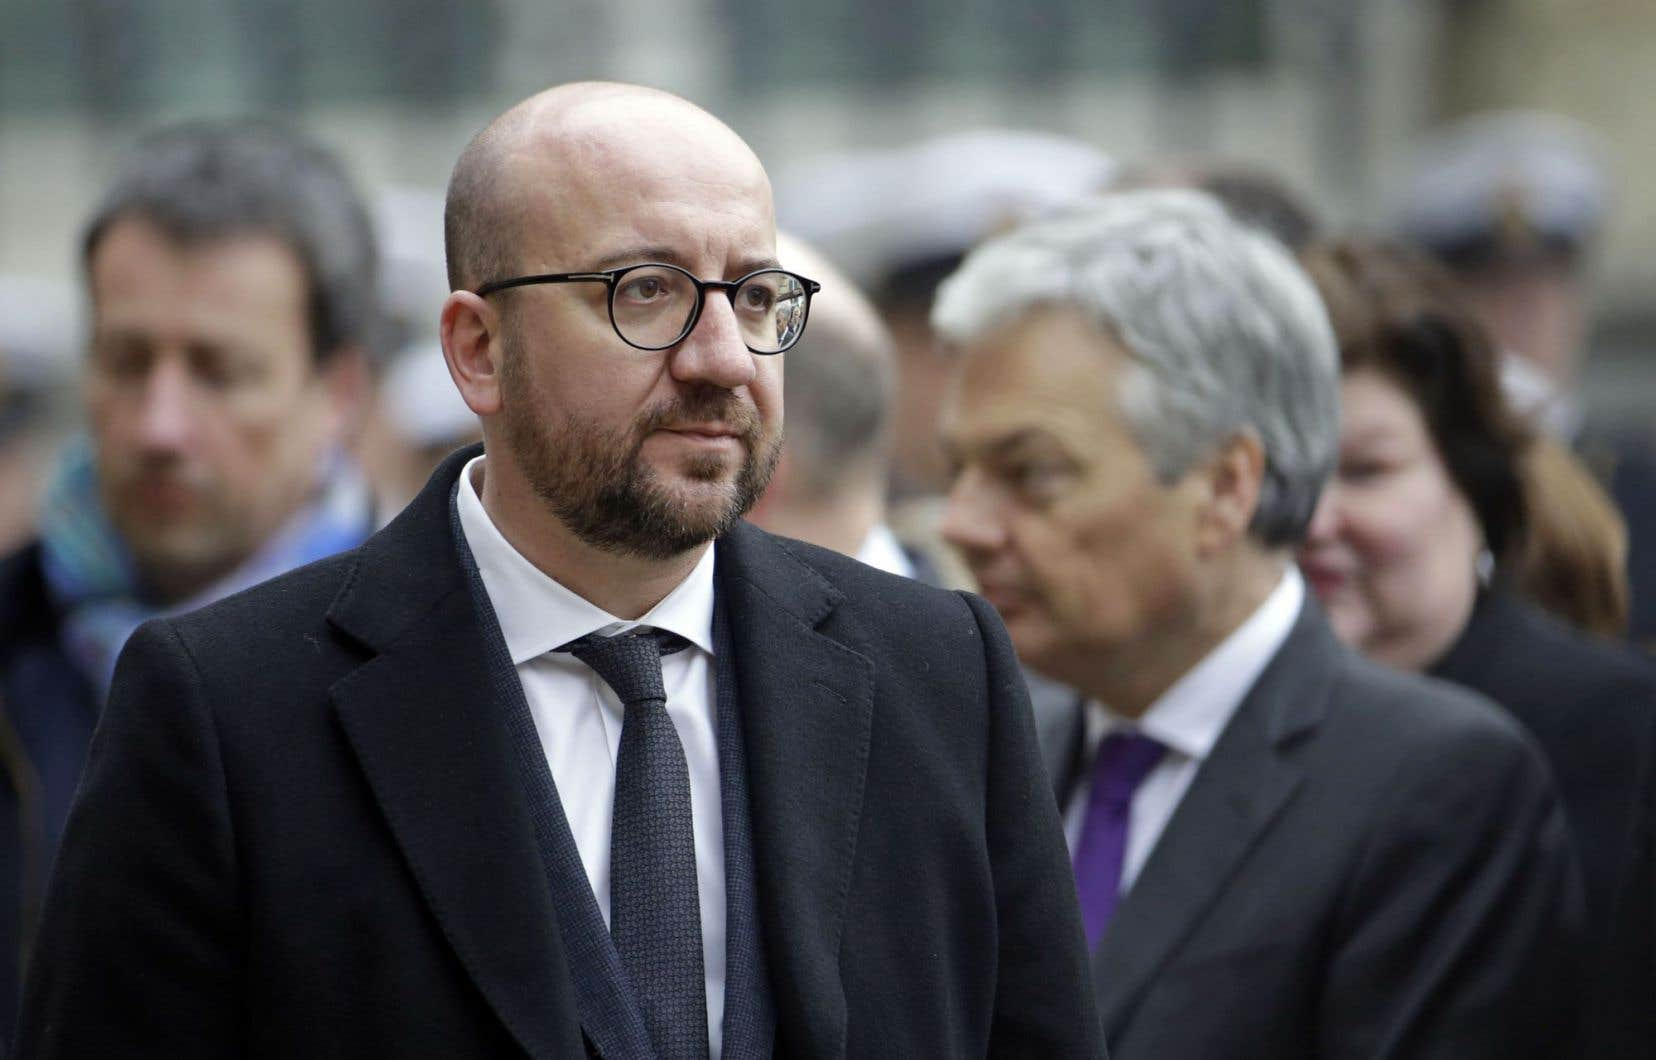 Le premier ministre belge, Charles Michel, a participé jeudi à une cérémonie rendant hommage aux victimes des attentats.